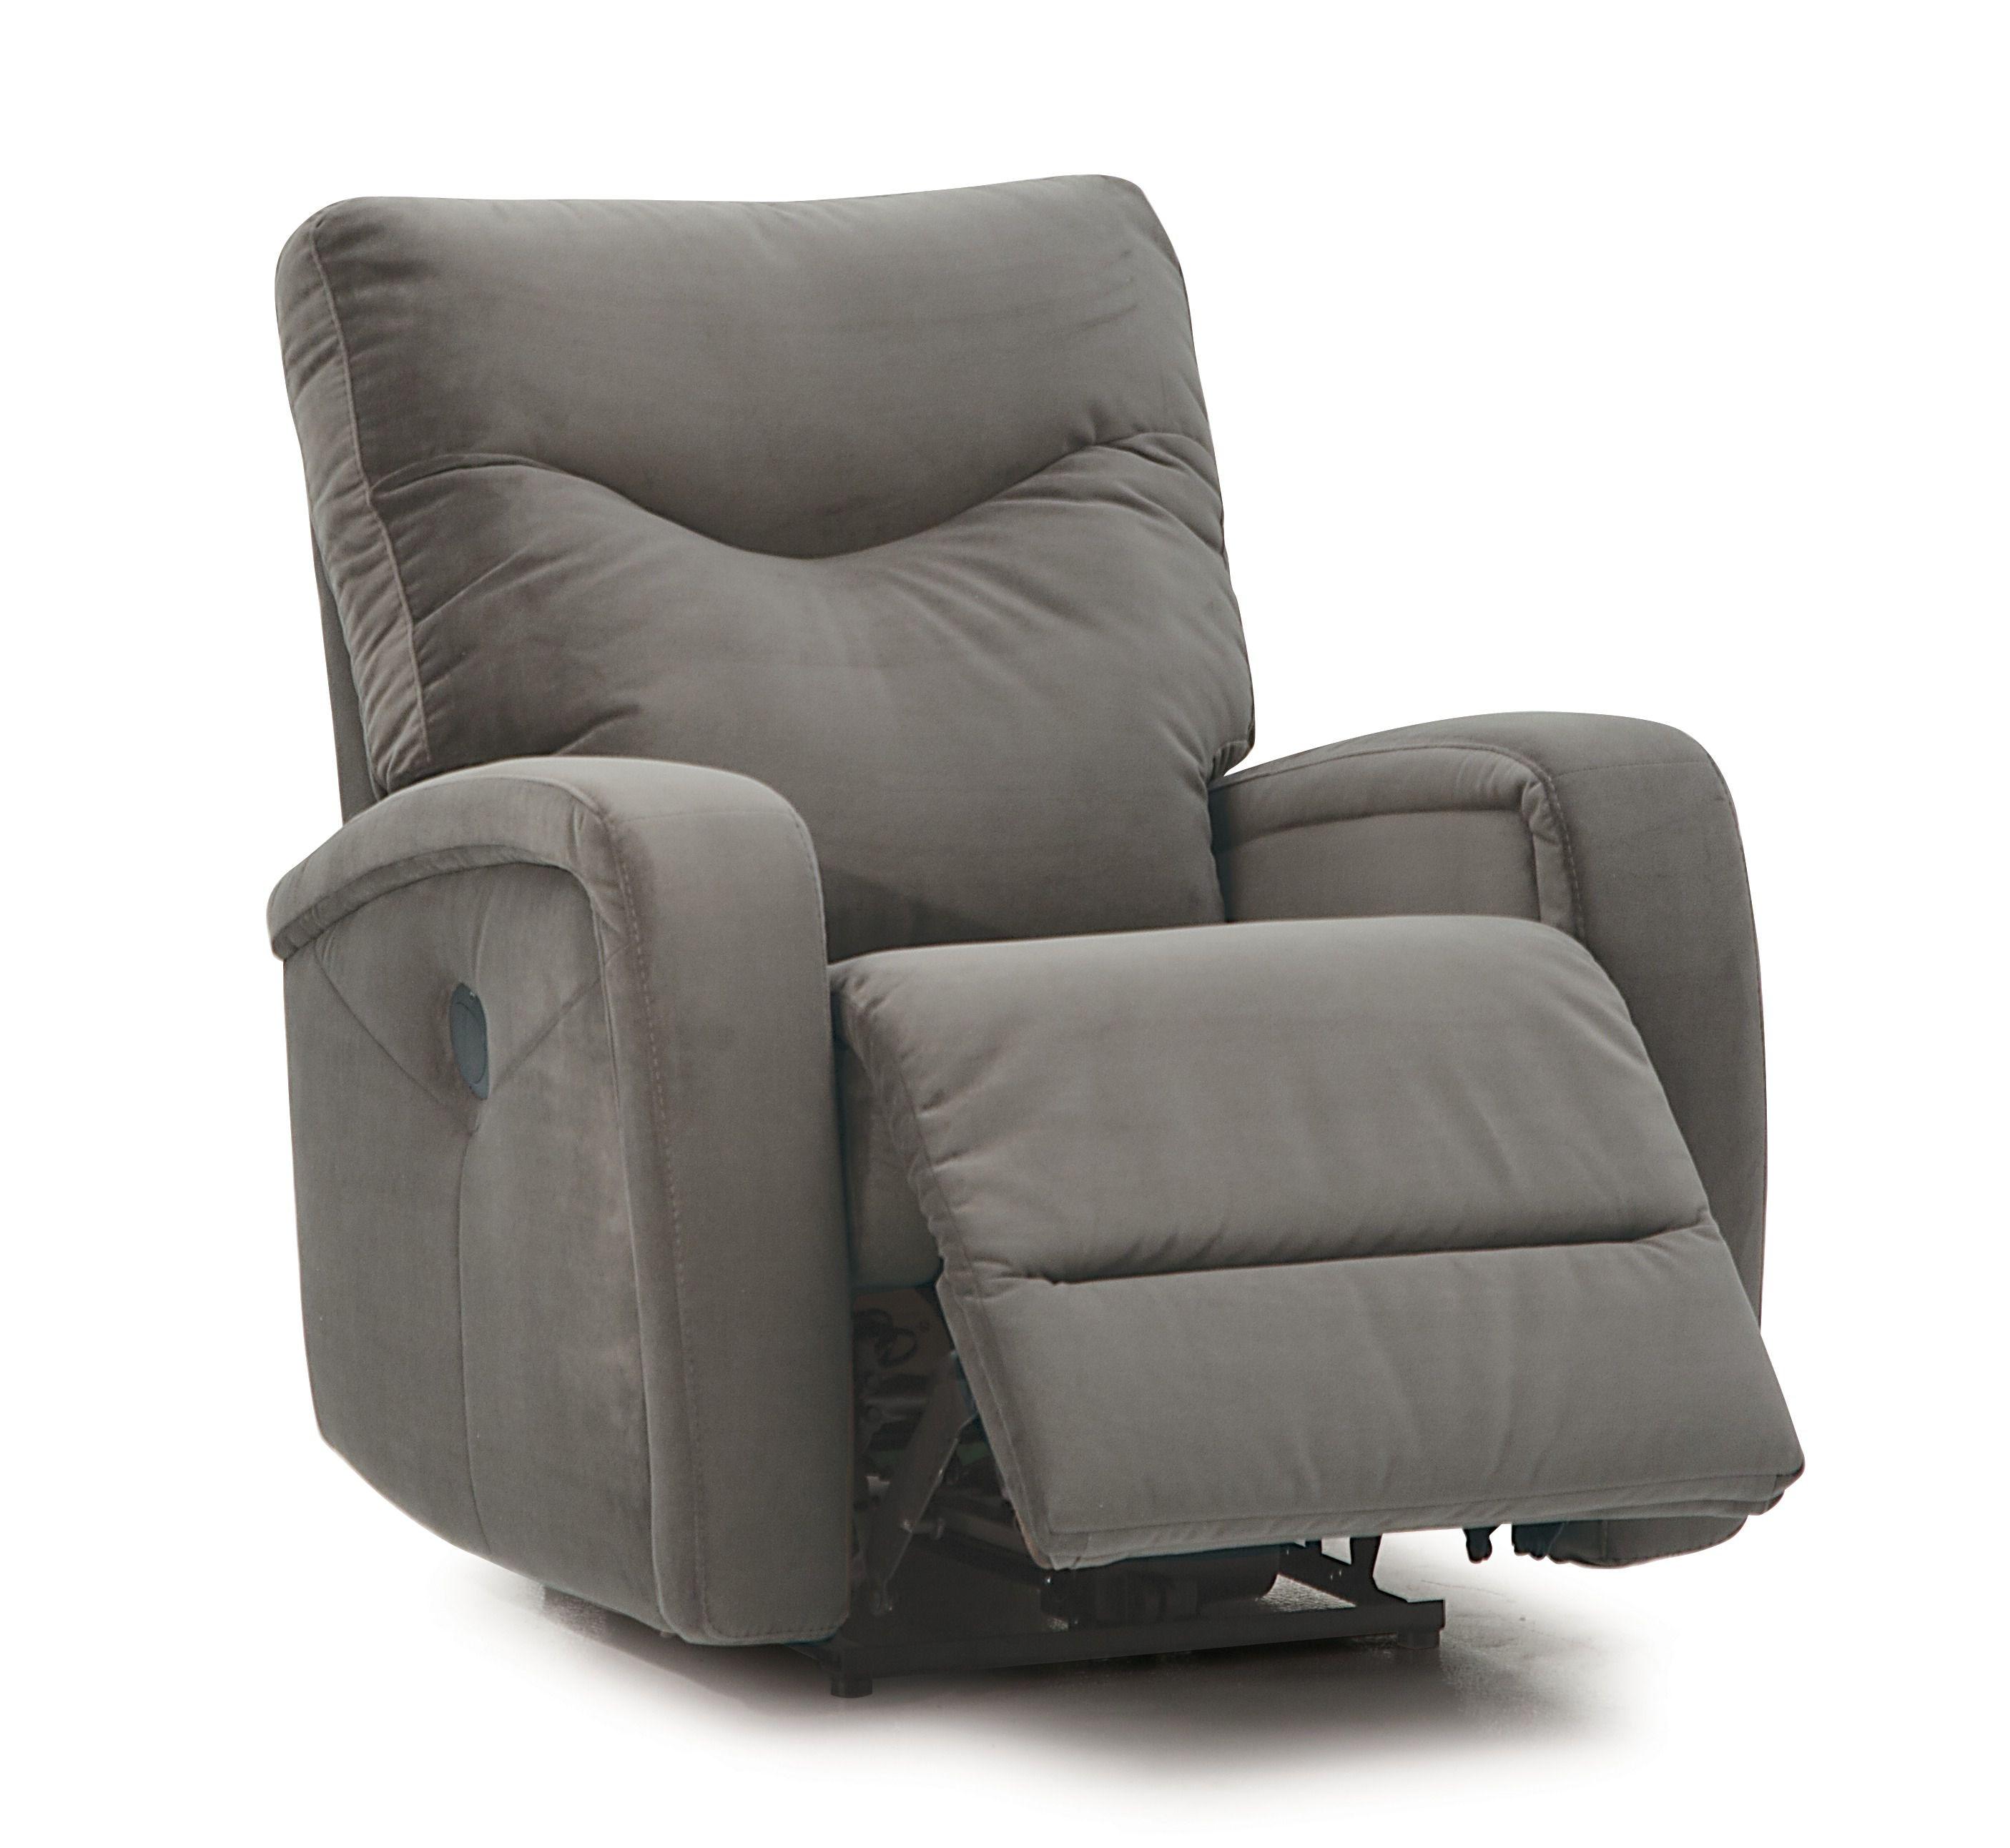 43020 35. Wallhugger Recliner Chair